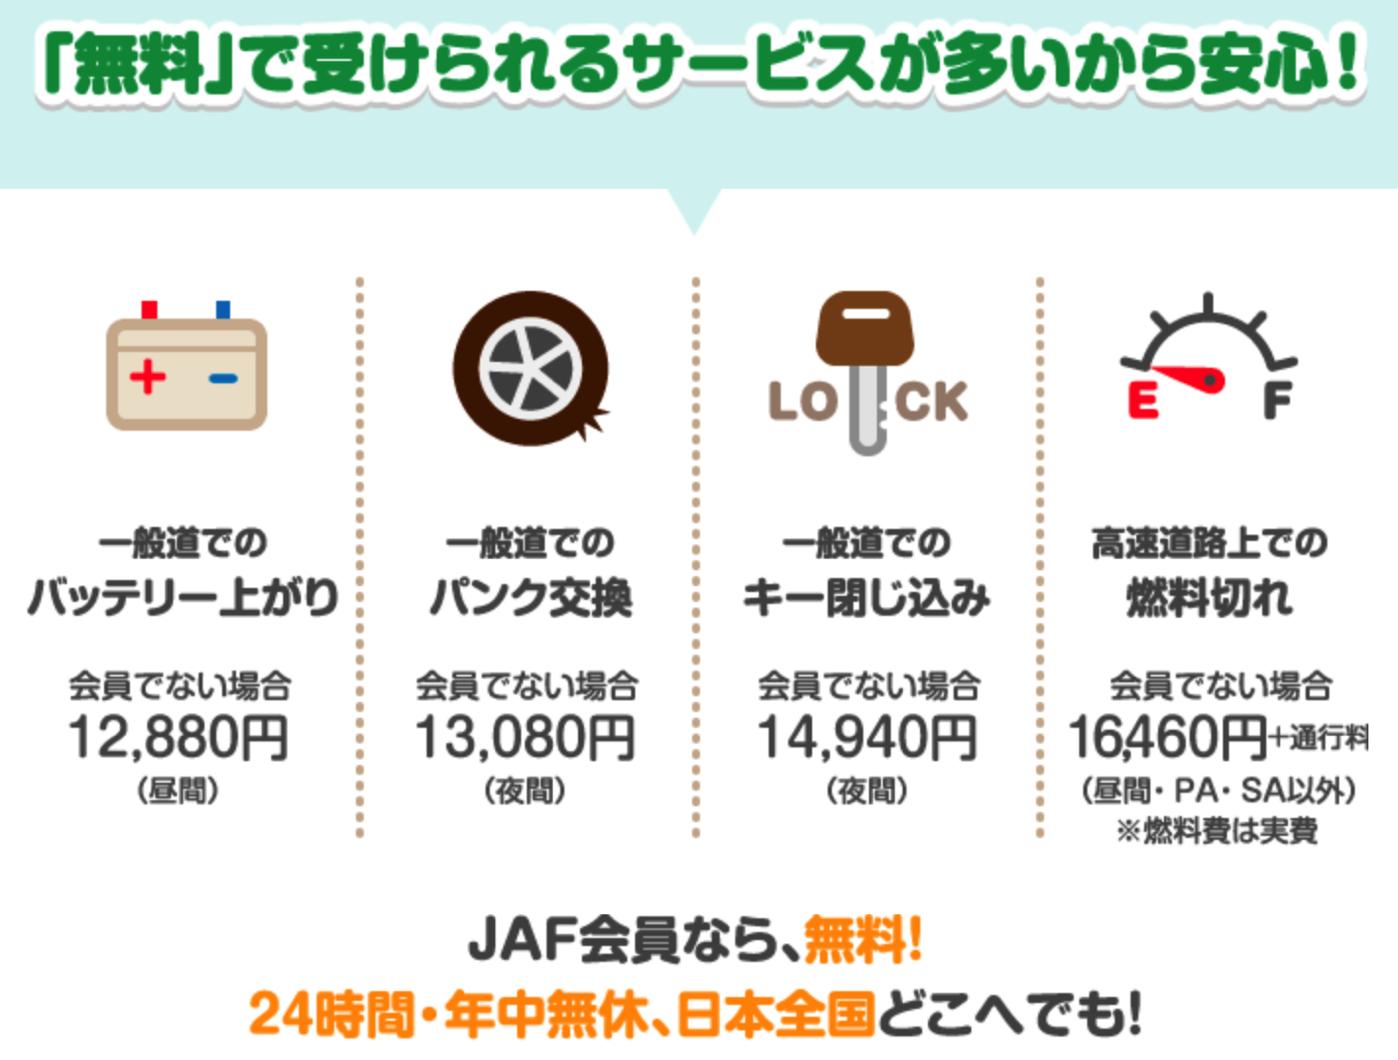 JAF-1